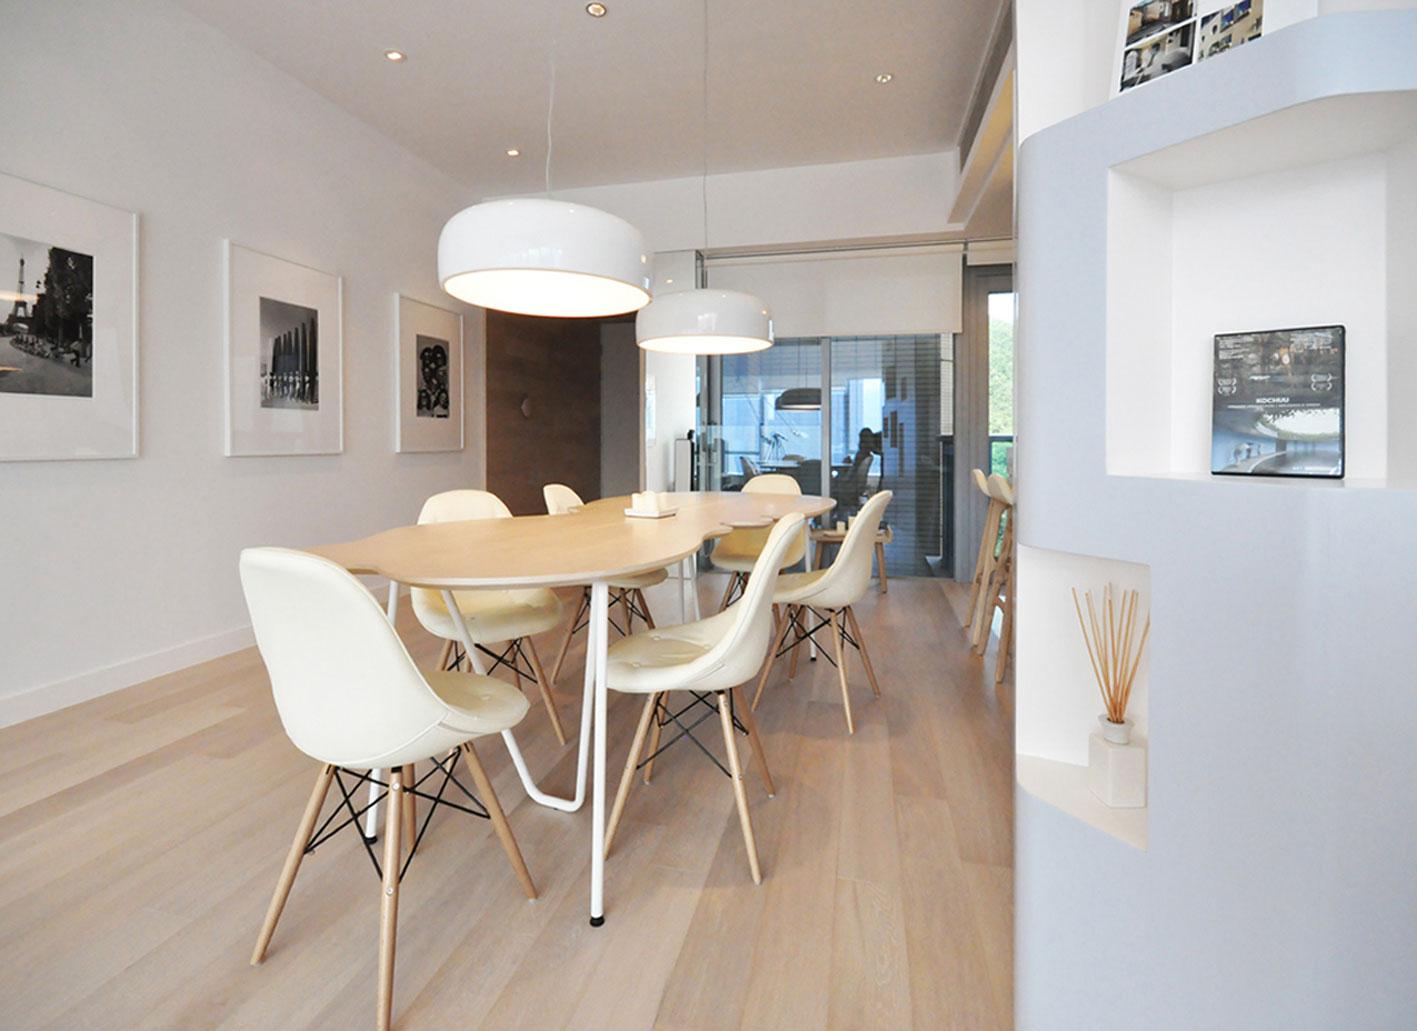 北欧简约风格一居室餐厅装修效果图